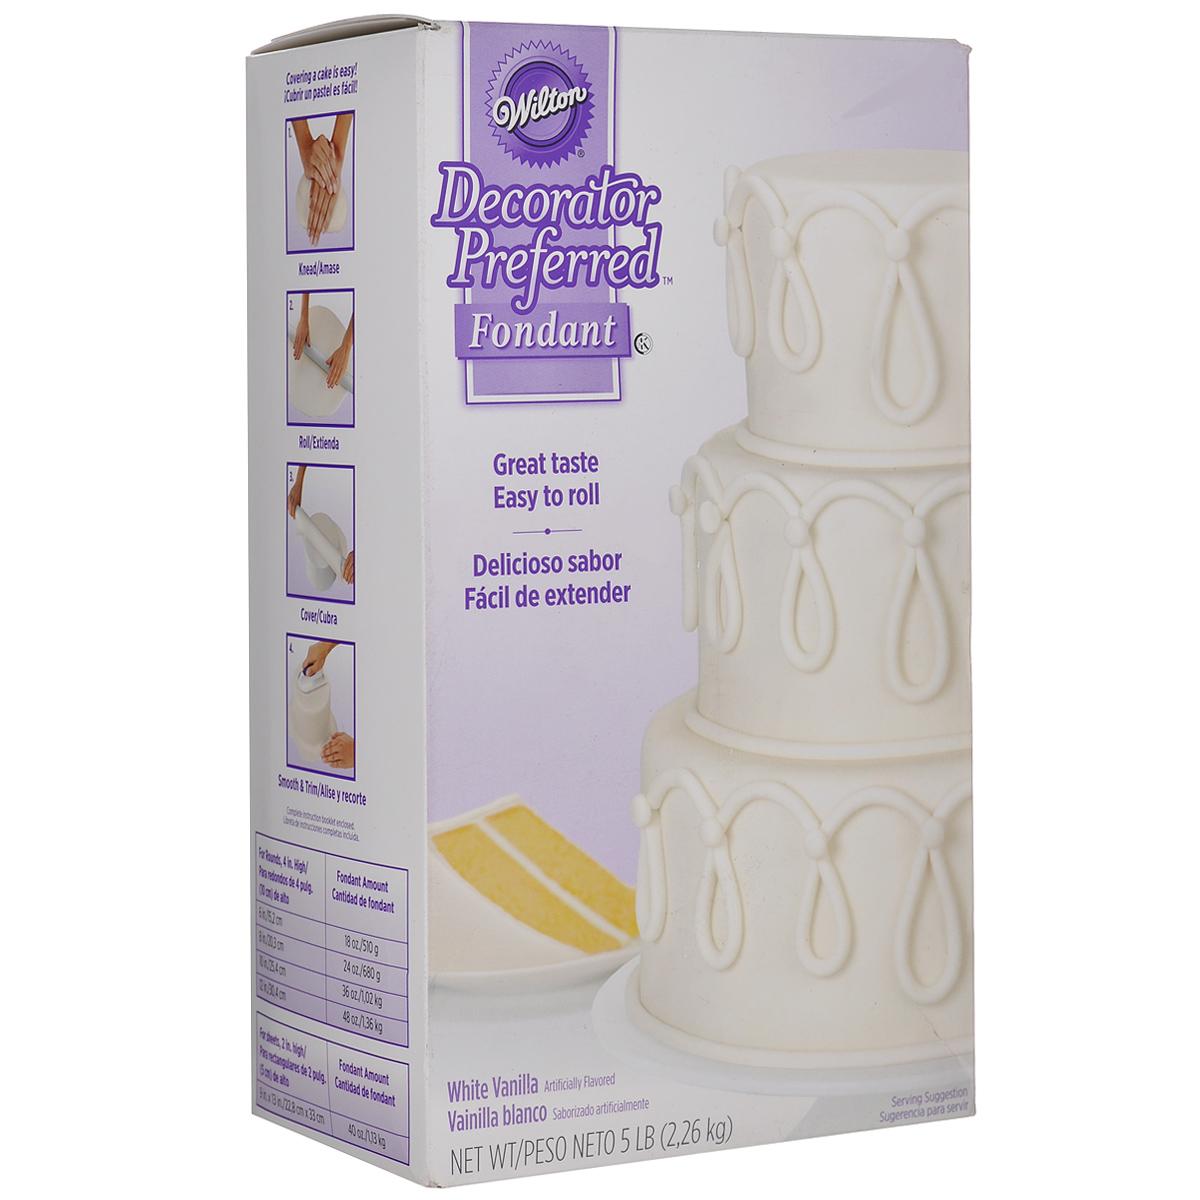 Декоративная мастика Wilton, цвет: белый, 2,3 кгWLT-710-2300Декоративная мастика Wilton позволит создать прекрасные украшения для тортов. Оптимальное соотношение вкуса, текстуры и функциональности: содержит экстракт ванили, кремовая эластичная структура, яркая цветовая гамма. С помощью мастики можно ровно покрыть торт, создавать 3D украшения, которые хорошо держат свою форму. Приятный аромат ванили понравится вашим гостям! С этой вкусной сахарной мастикой вы сможете легко создавать прекрасные украшения для тортов. Состав: сахар, пшеничный сироп, пальмовое масло, глицерин, трагакант, крахмал тапиоки, карбоксиметил целлюлоза натрия (краситель), ацетат натрия, уксусная кислота. Масса нетто: 2,3 кг. Пищевая ценность на 100 г: жиры - 6 г, белок - 0 г, углеводы - 80 г, в т.ч. сахар - 80 г, натрий - 0 мг. Энергетическая ценность: 372 Ккал. Товар сертифицирован.